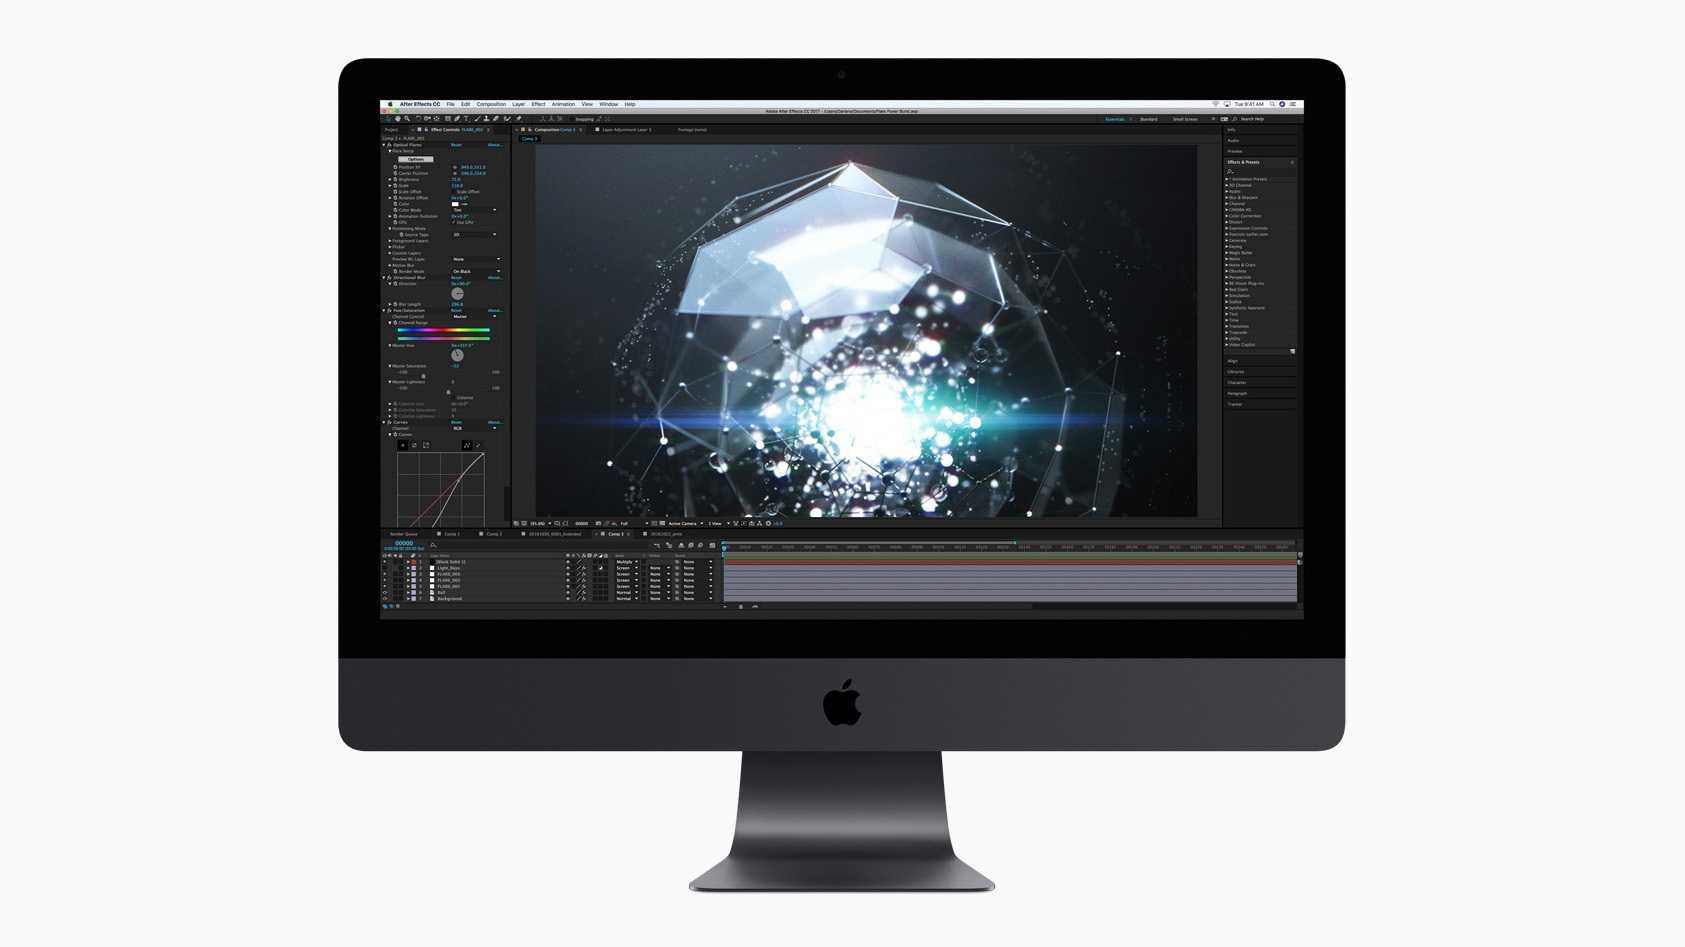 Abgesicherter iMac Pro: Wiederherstellung scheitert an Apple-Serverfehler